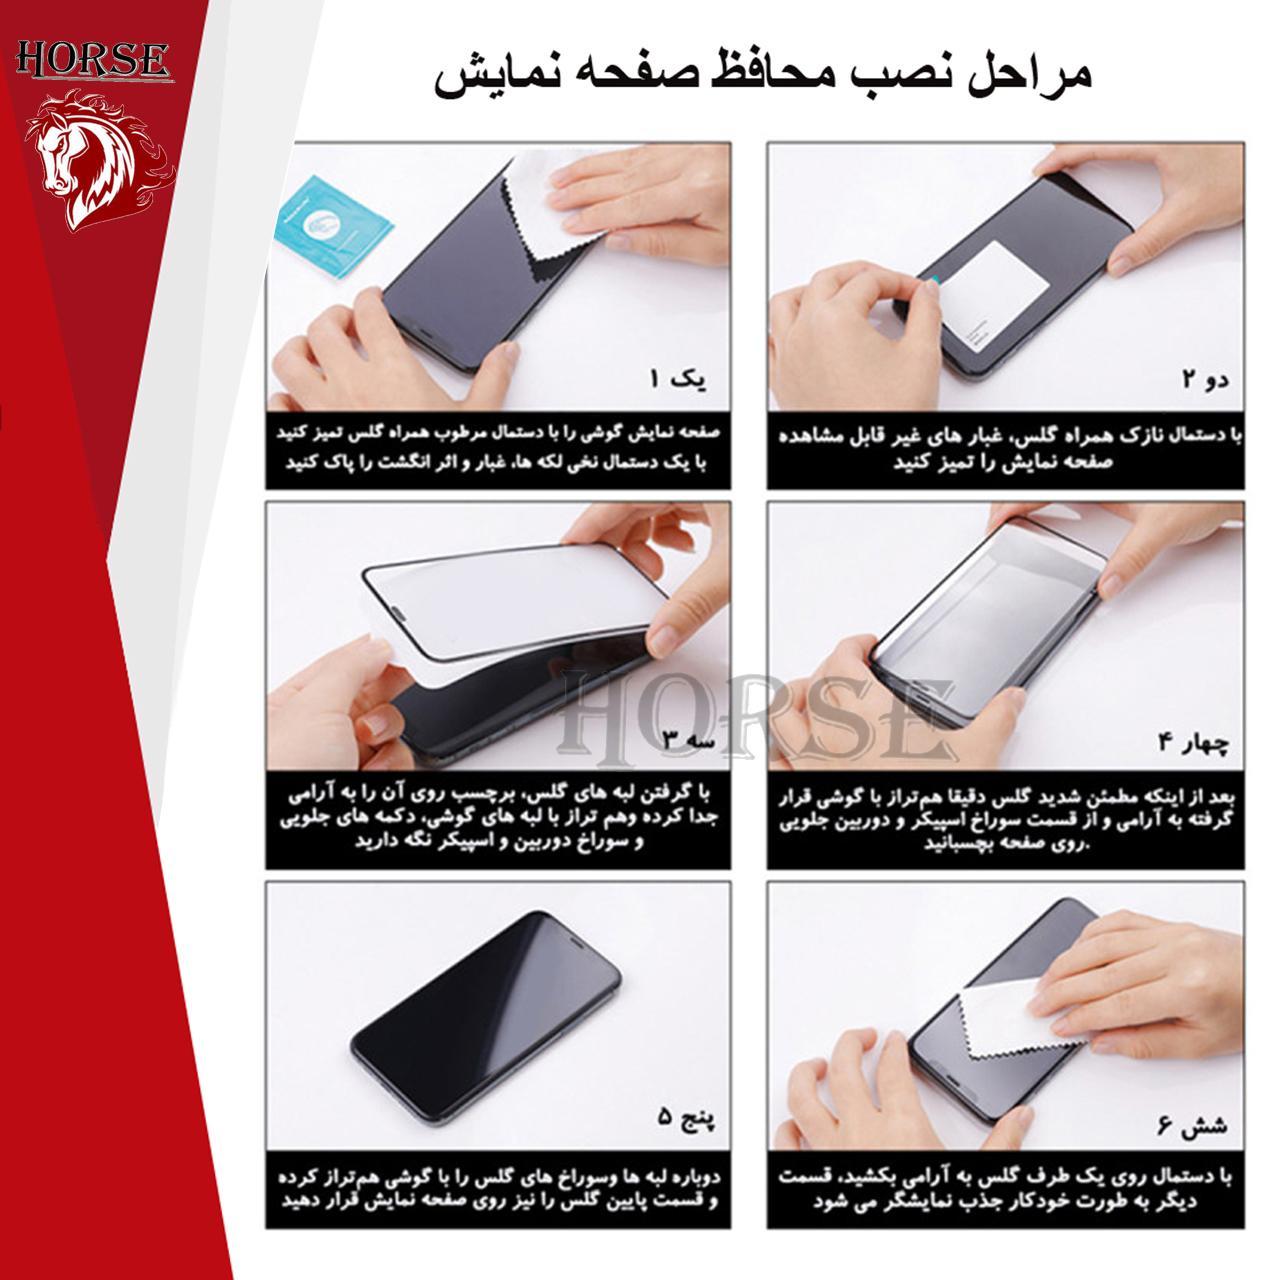 کارت حافظه microSDXC ترنسند مدل Ultimate کلاس 10 استاندارد UHS-I U3 سرعت 95MBps 633X همراه با آداپتور SD ظرفیت 64 گیگابایت